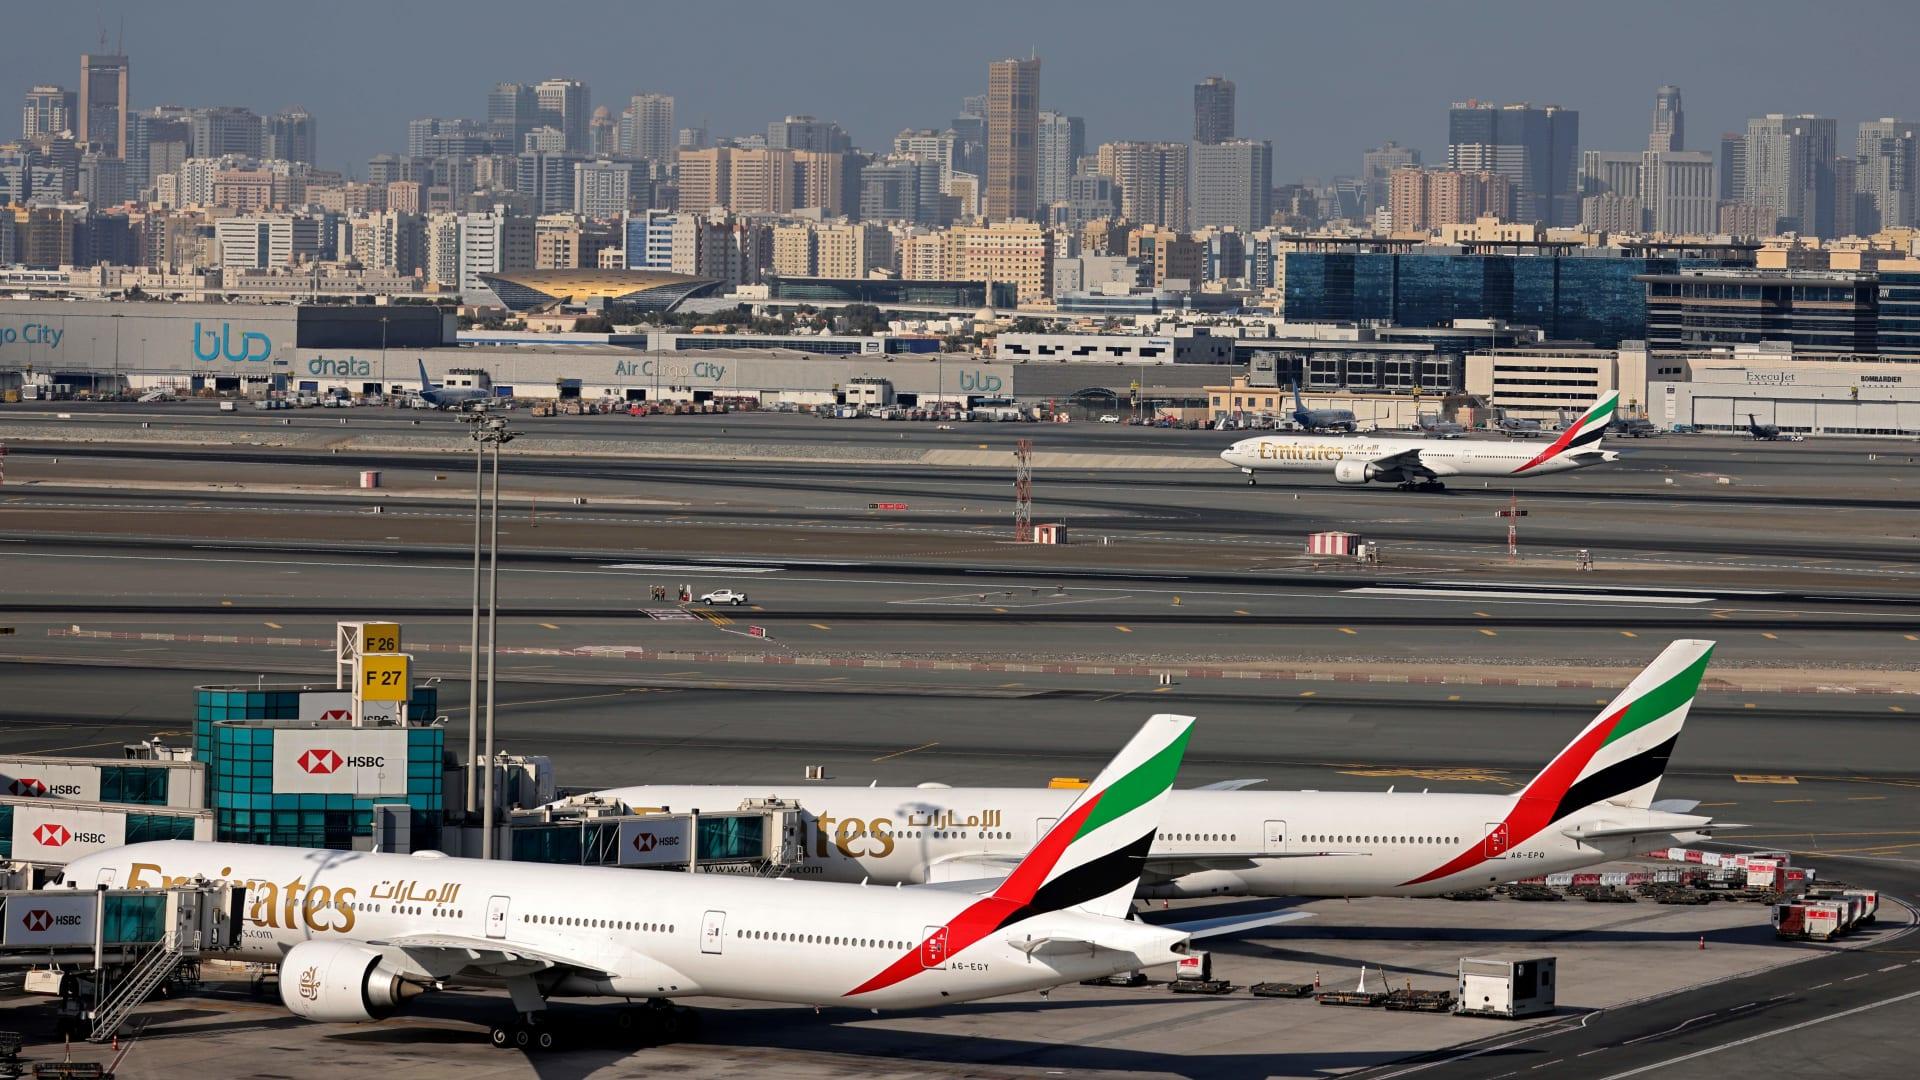 قبل ذهابهم إلى وجهتهم الأخيرة.. الأفغان يجدون ملاذاً مؤقتاً في الإمارات